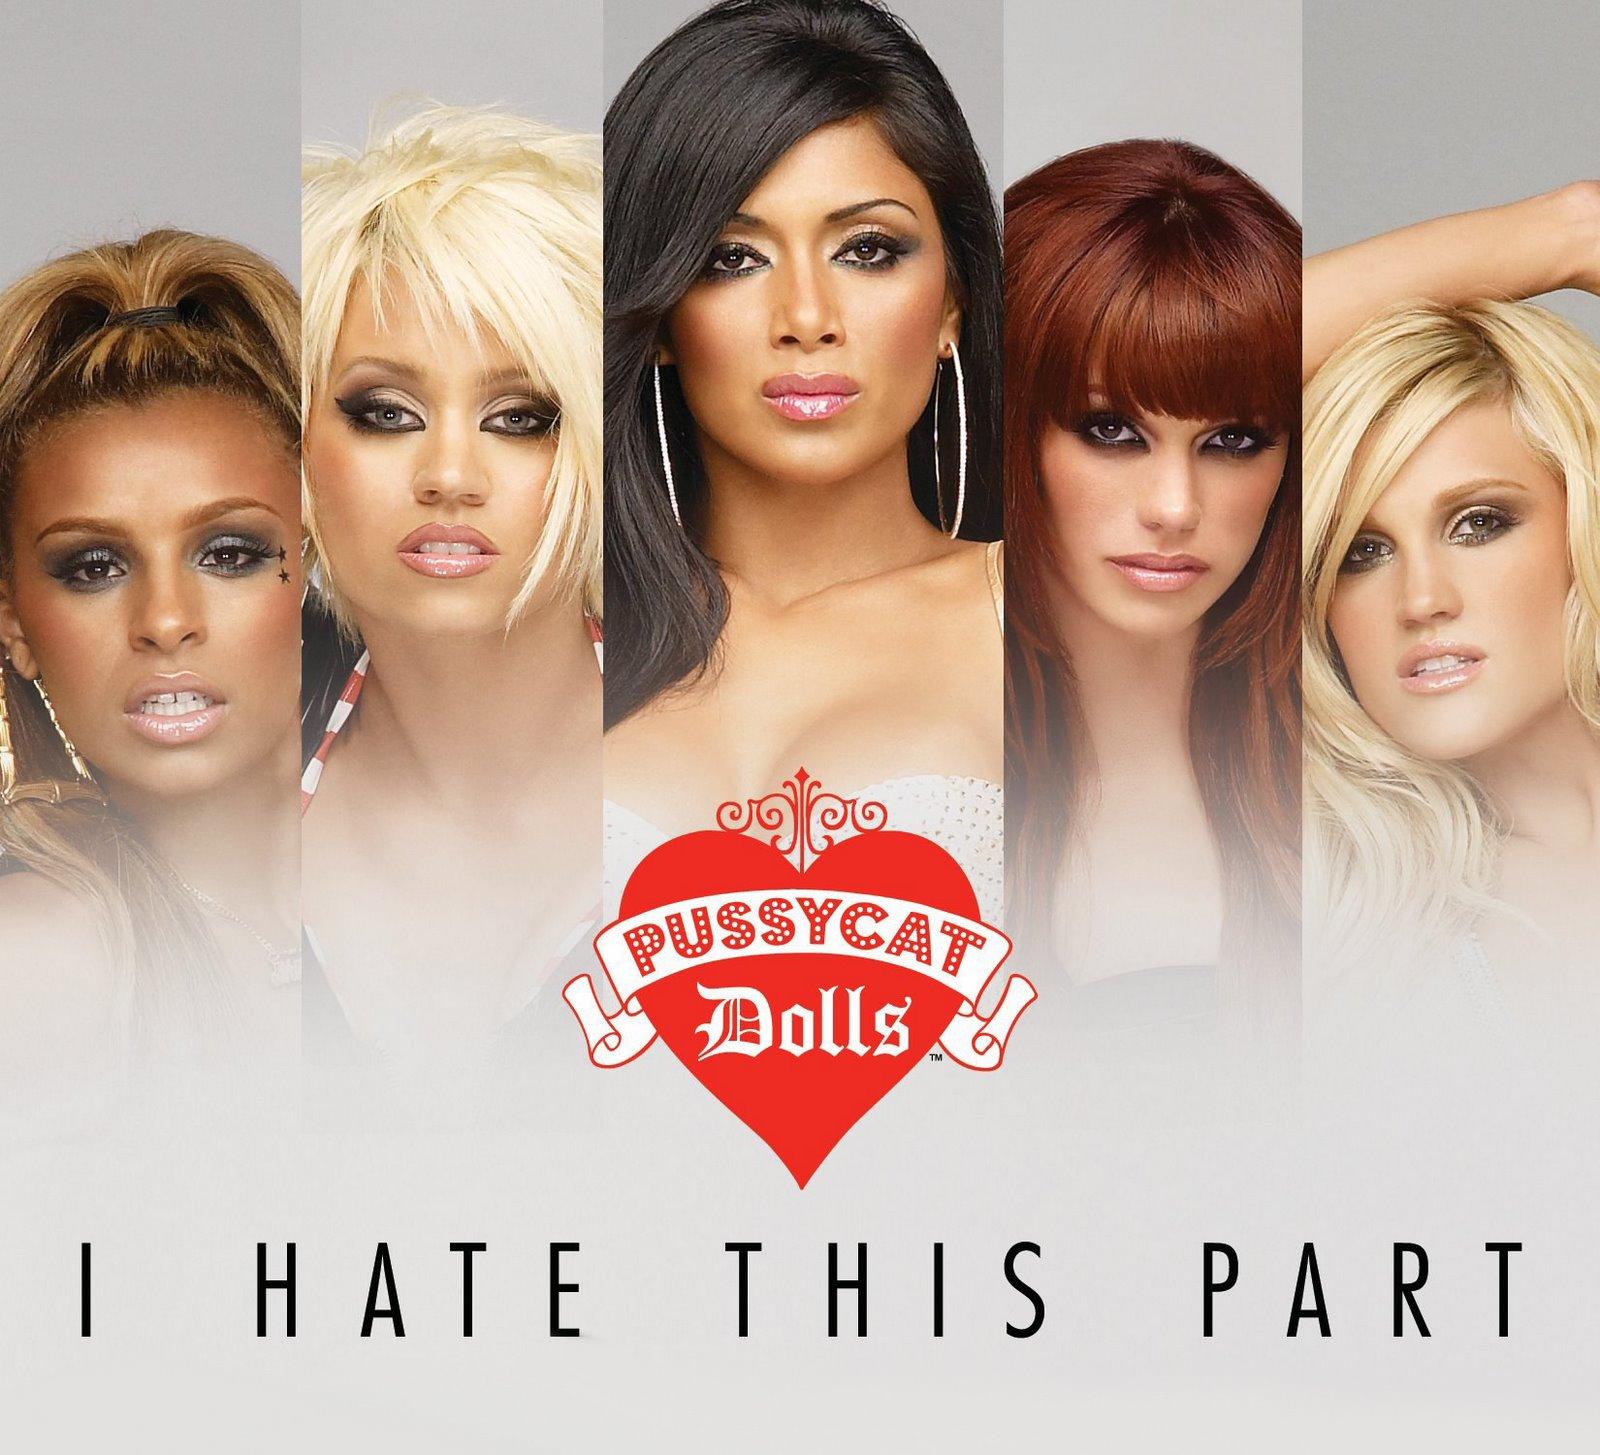 دانلود زیرنویس فارسی فیلم The Pussycat Dolls: I Hate This Part